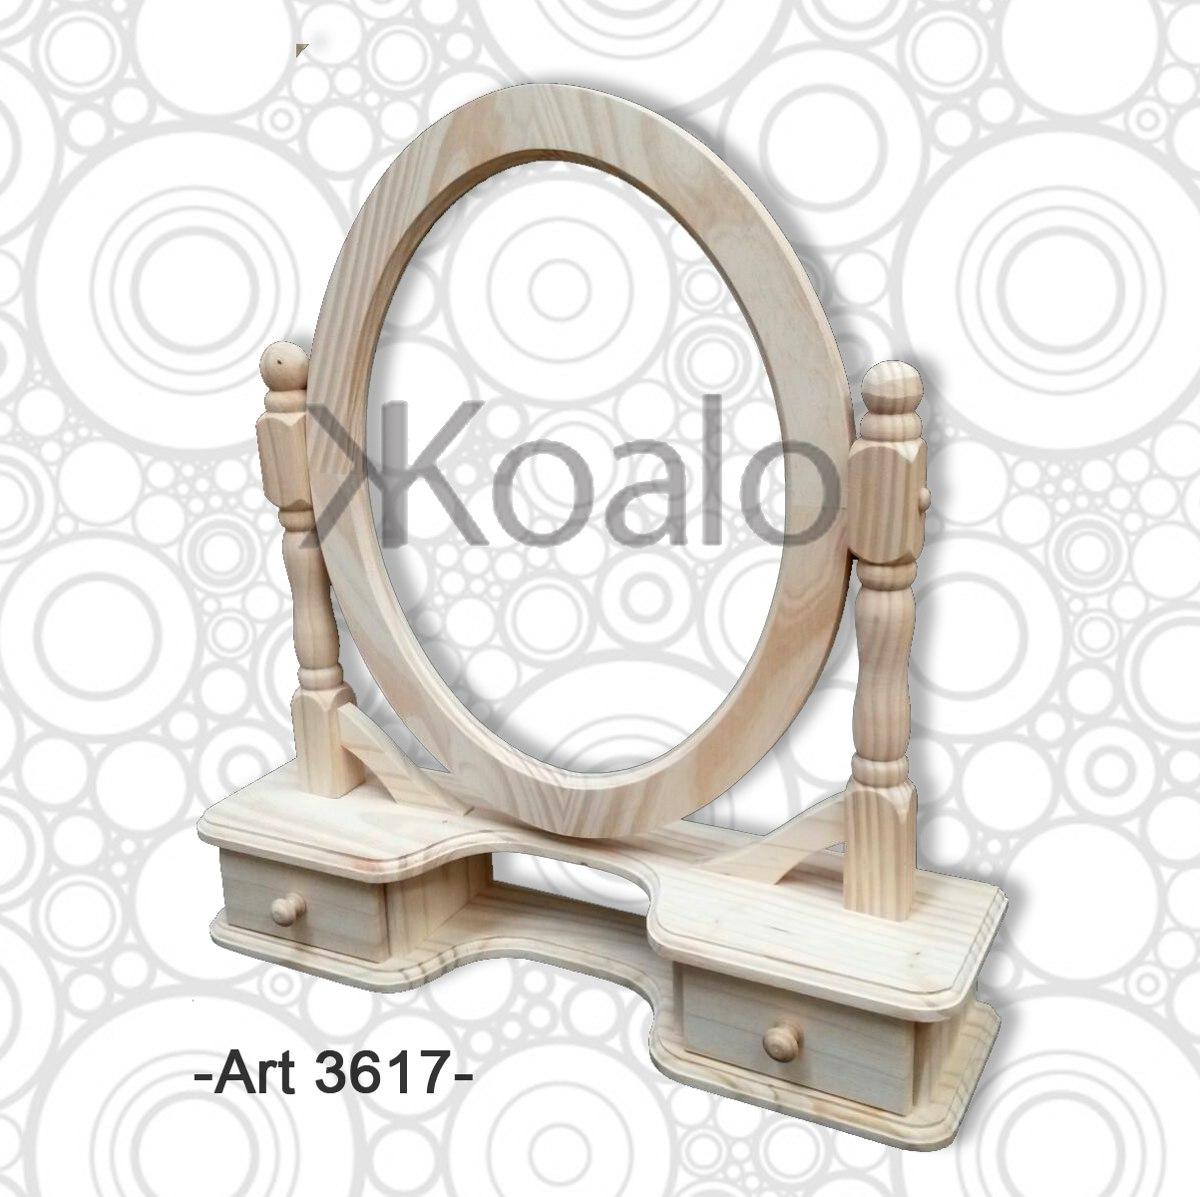 Marco Espejo Ovalado Madera De Pino Koalo Muebles 704 00 En  # Fabrica De Muebles Vedia